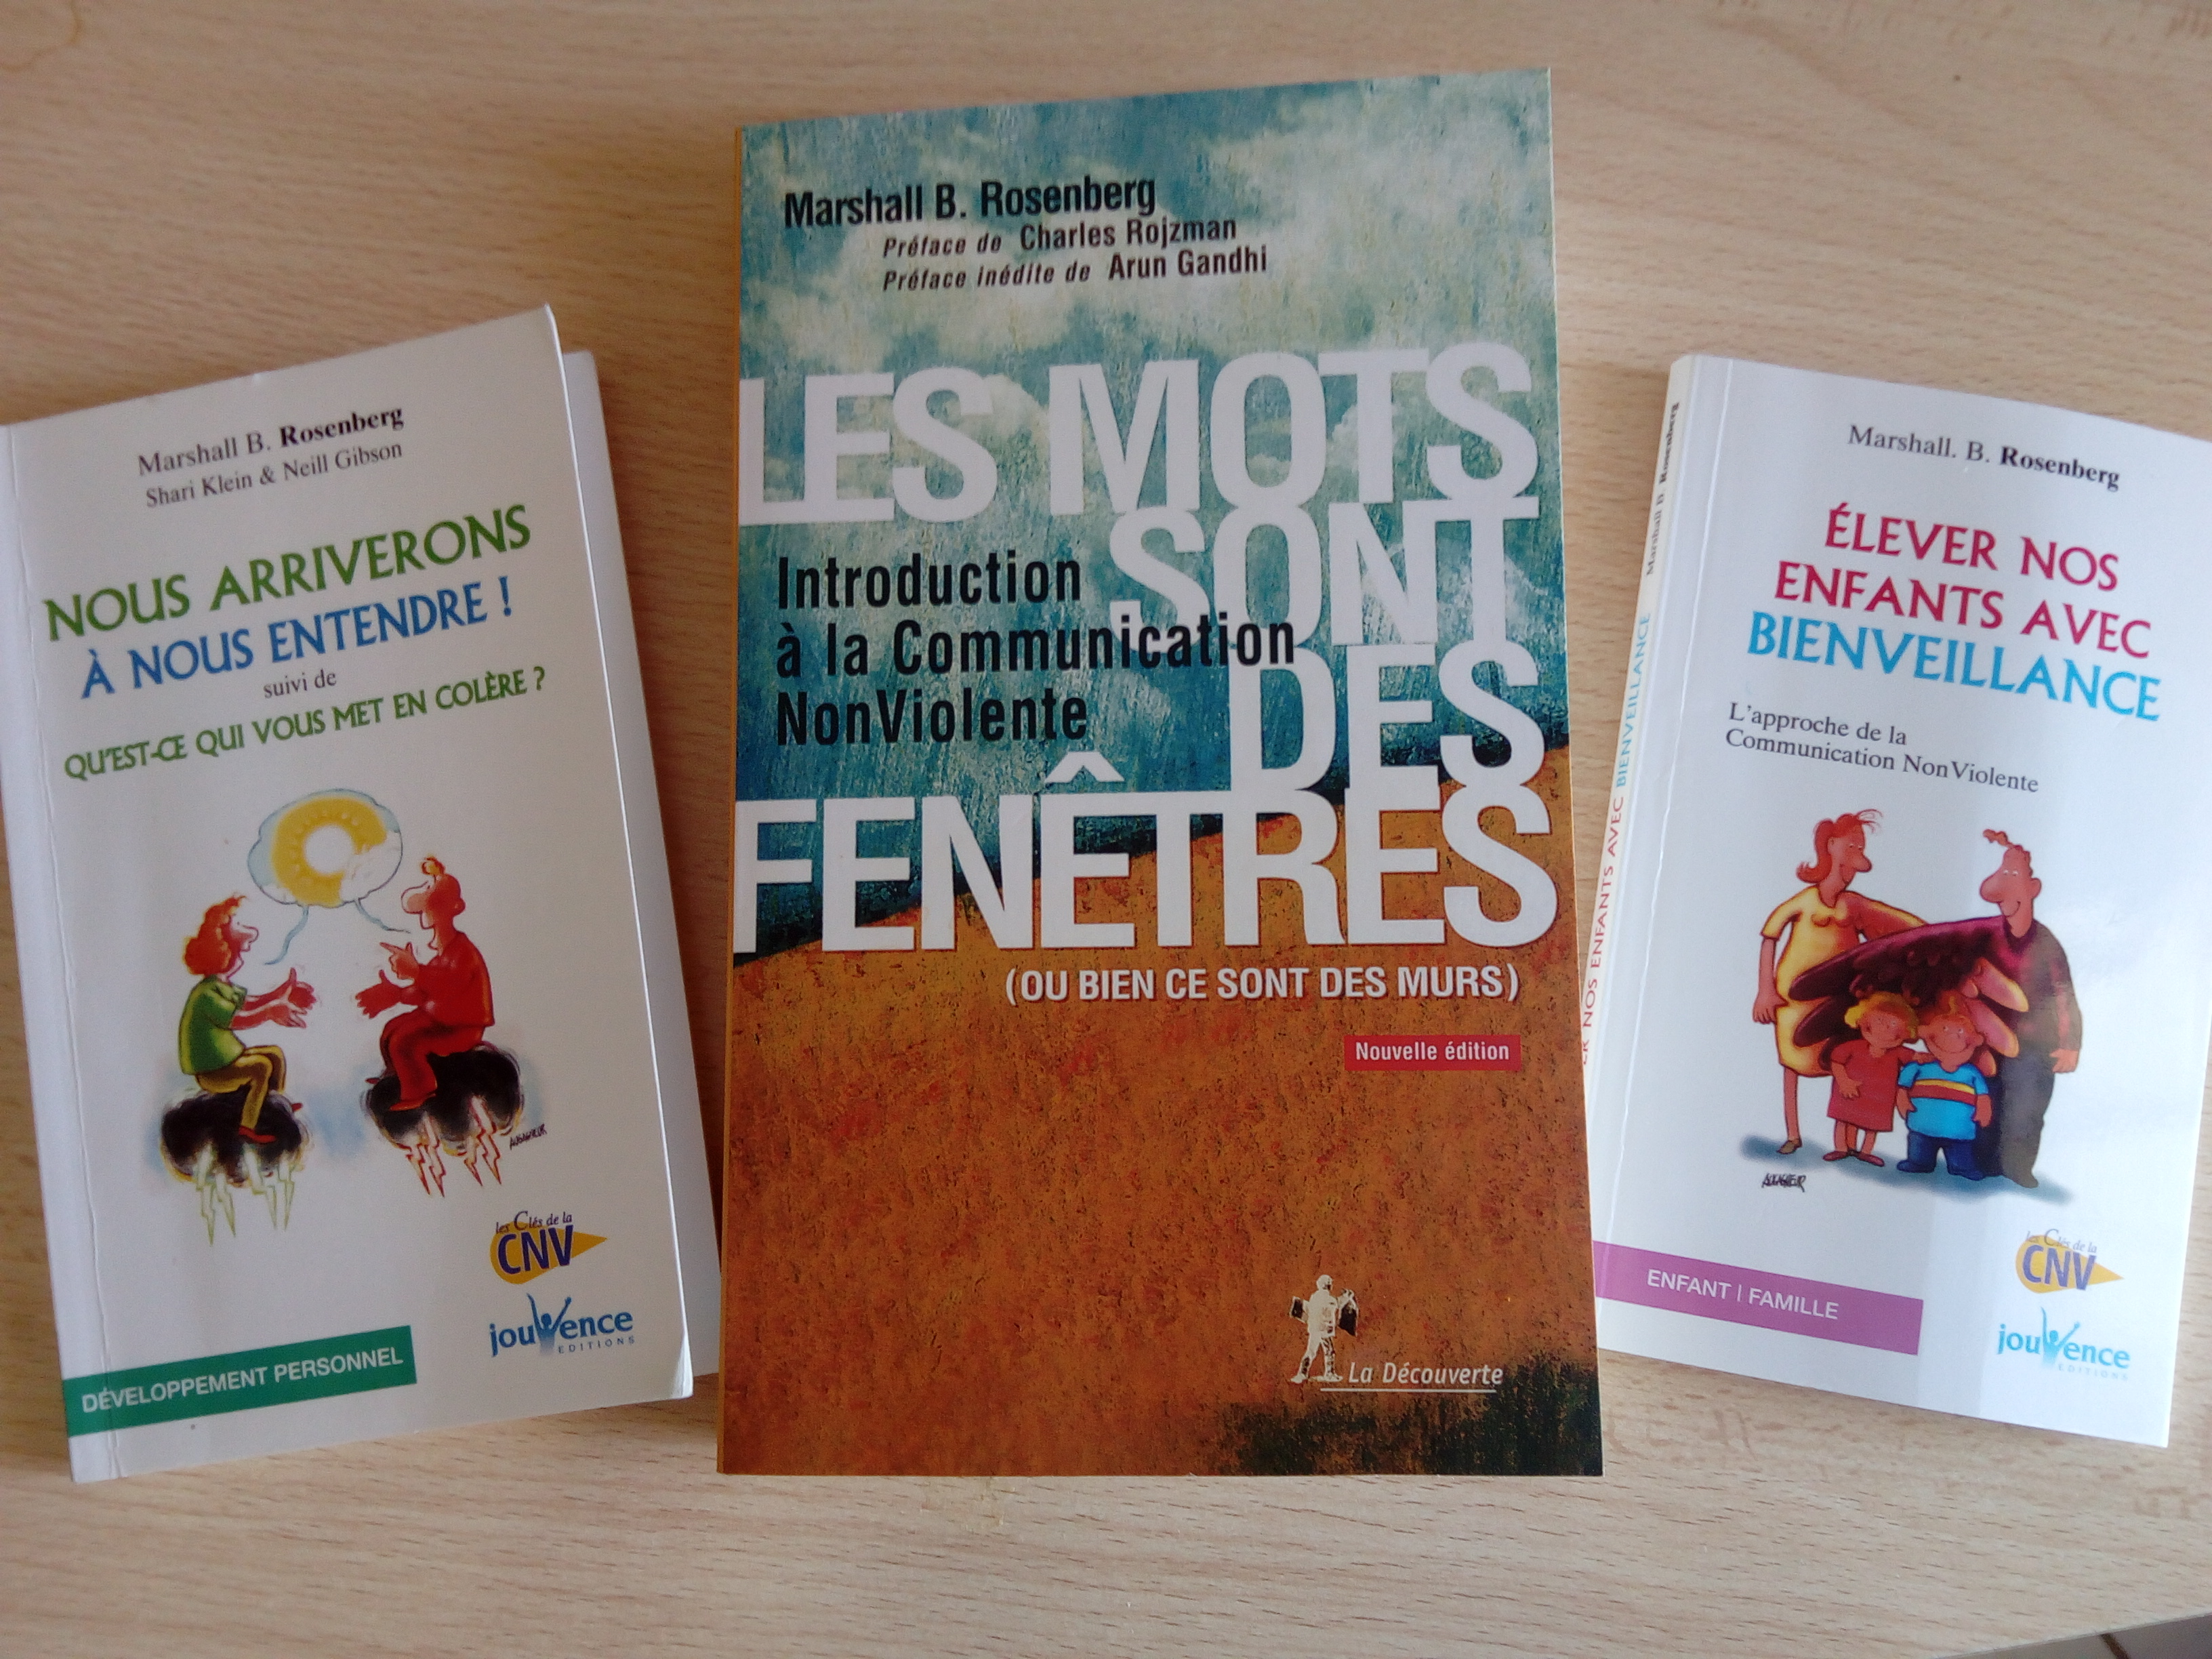 livres pour s'initier à la cnv